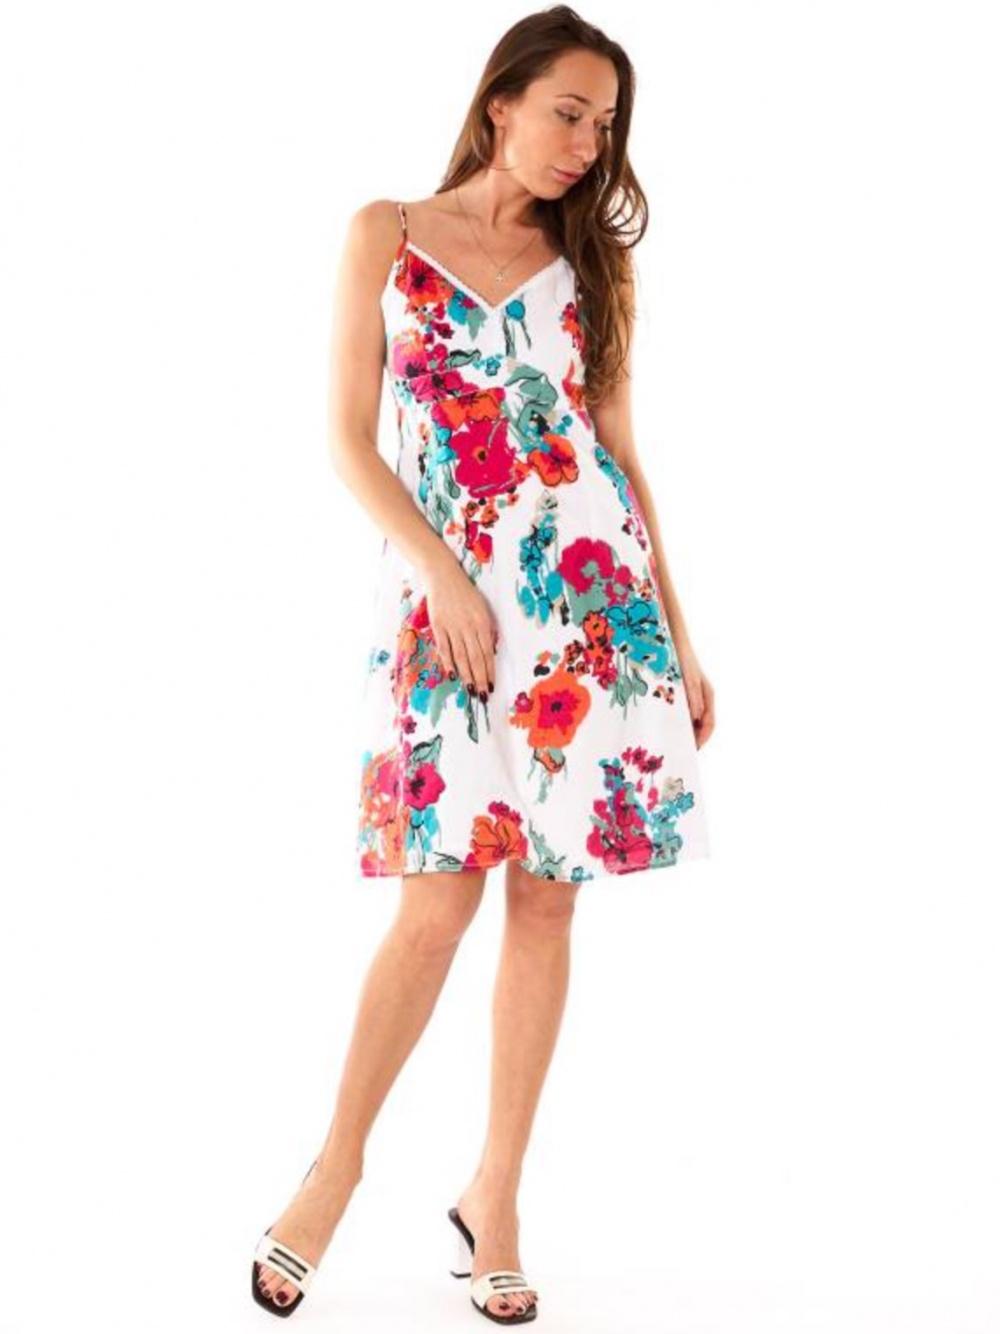 Платье сарафан Tom Tailor, размер 40, на 44-46-48